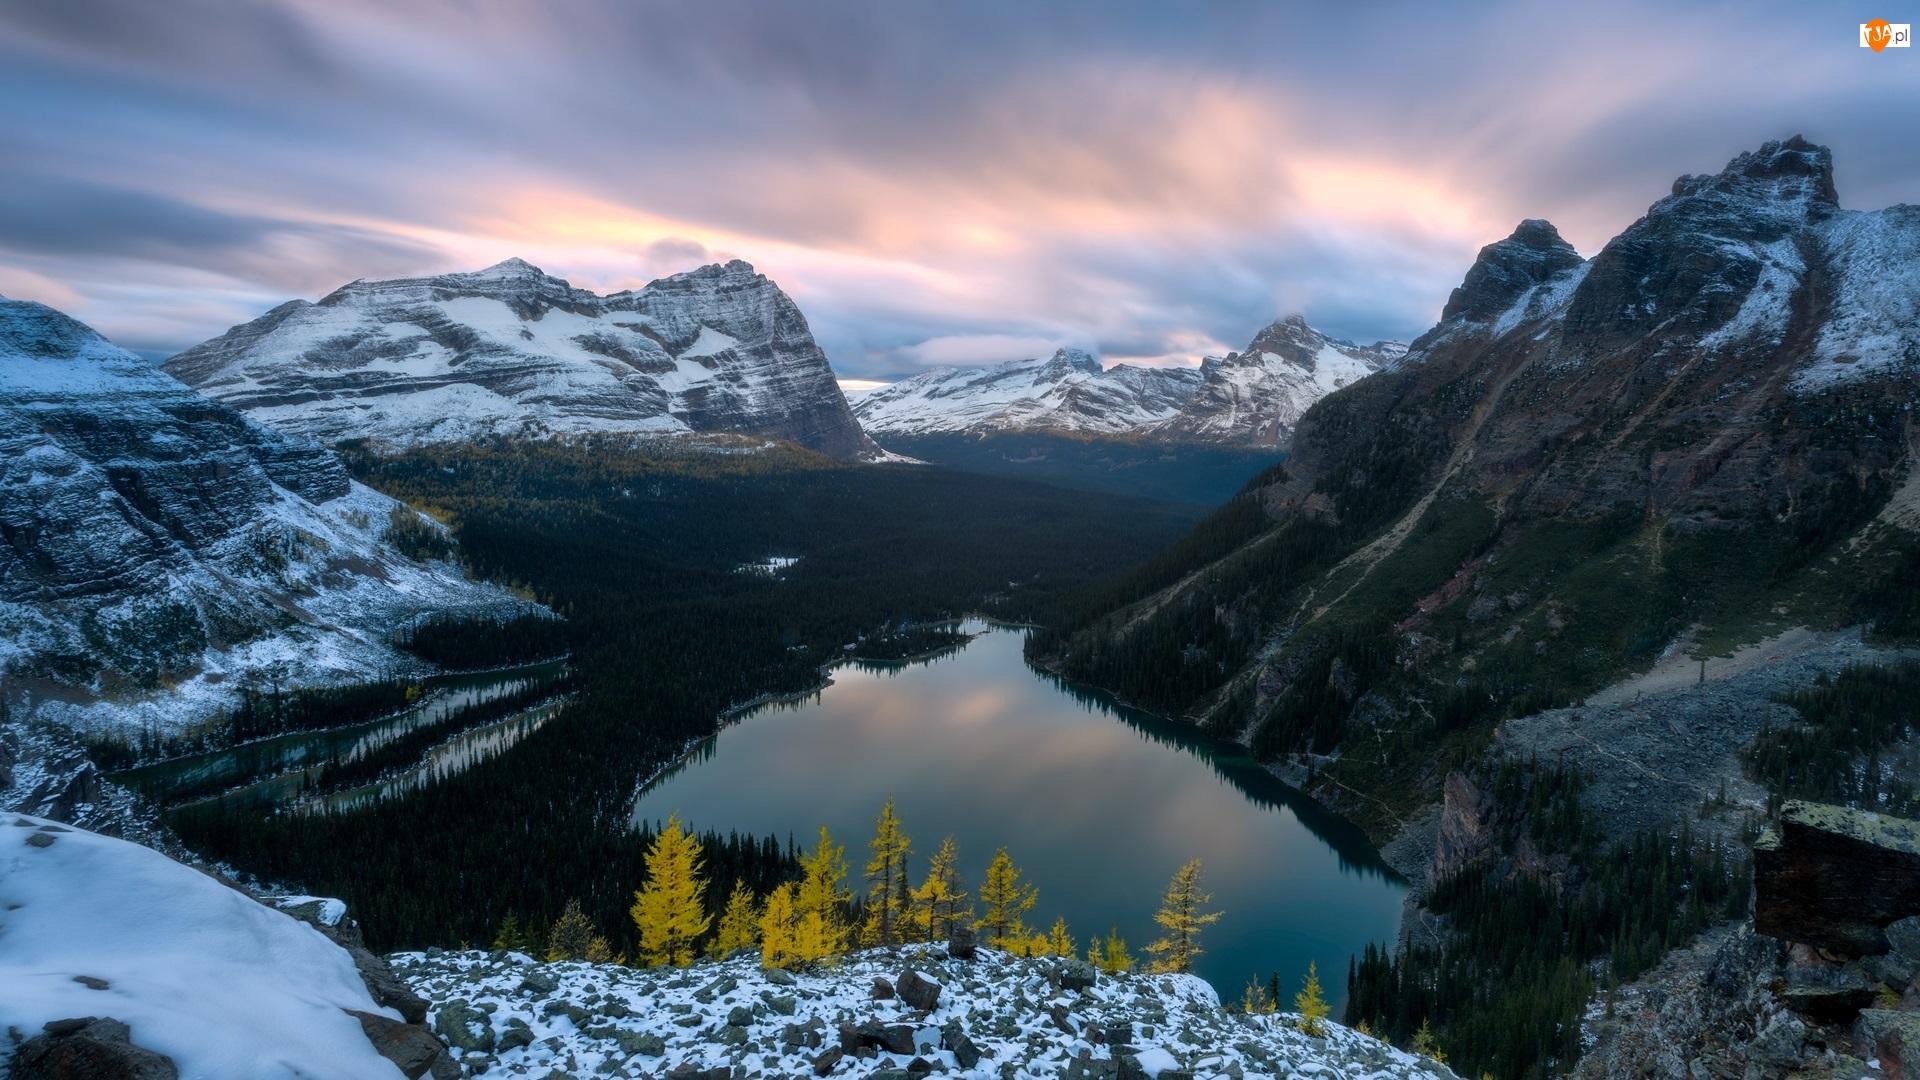 Jezioro, Góry, Drzewa, Canadian Rockies, Kolumbia Brytyjska, Zima, Lake OHara, Kanada, Las, Park Narodowy Yoho, Chmury